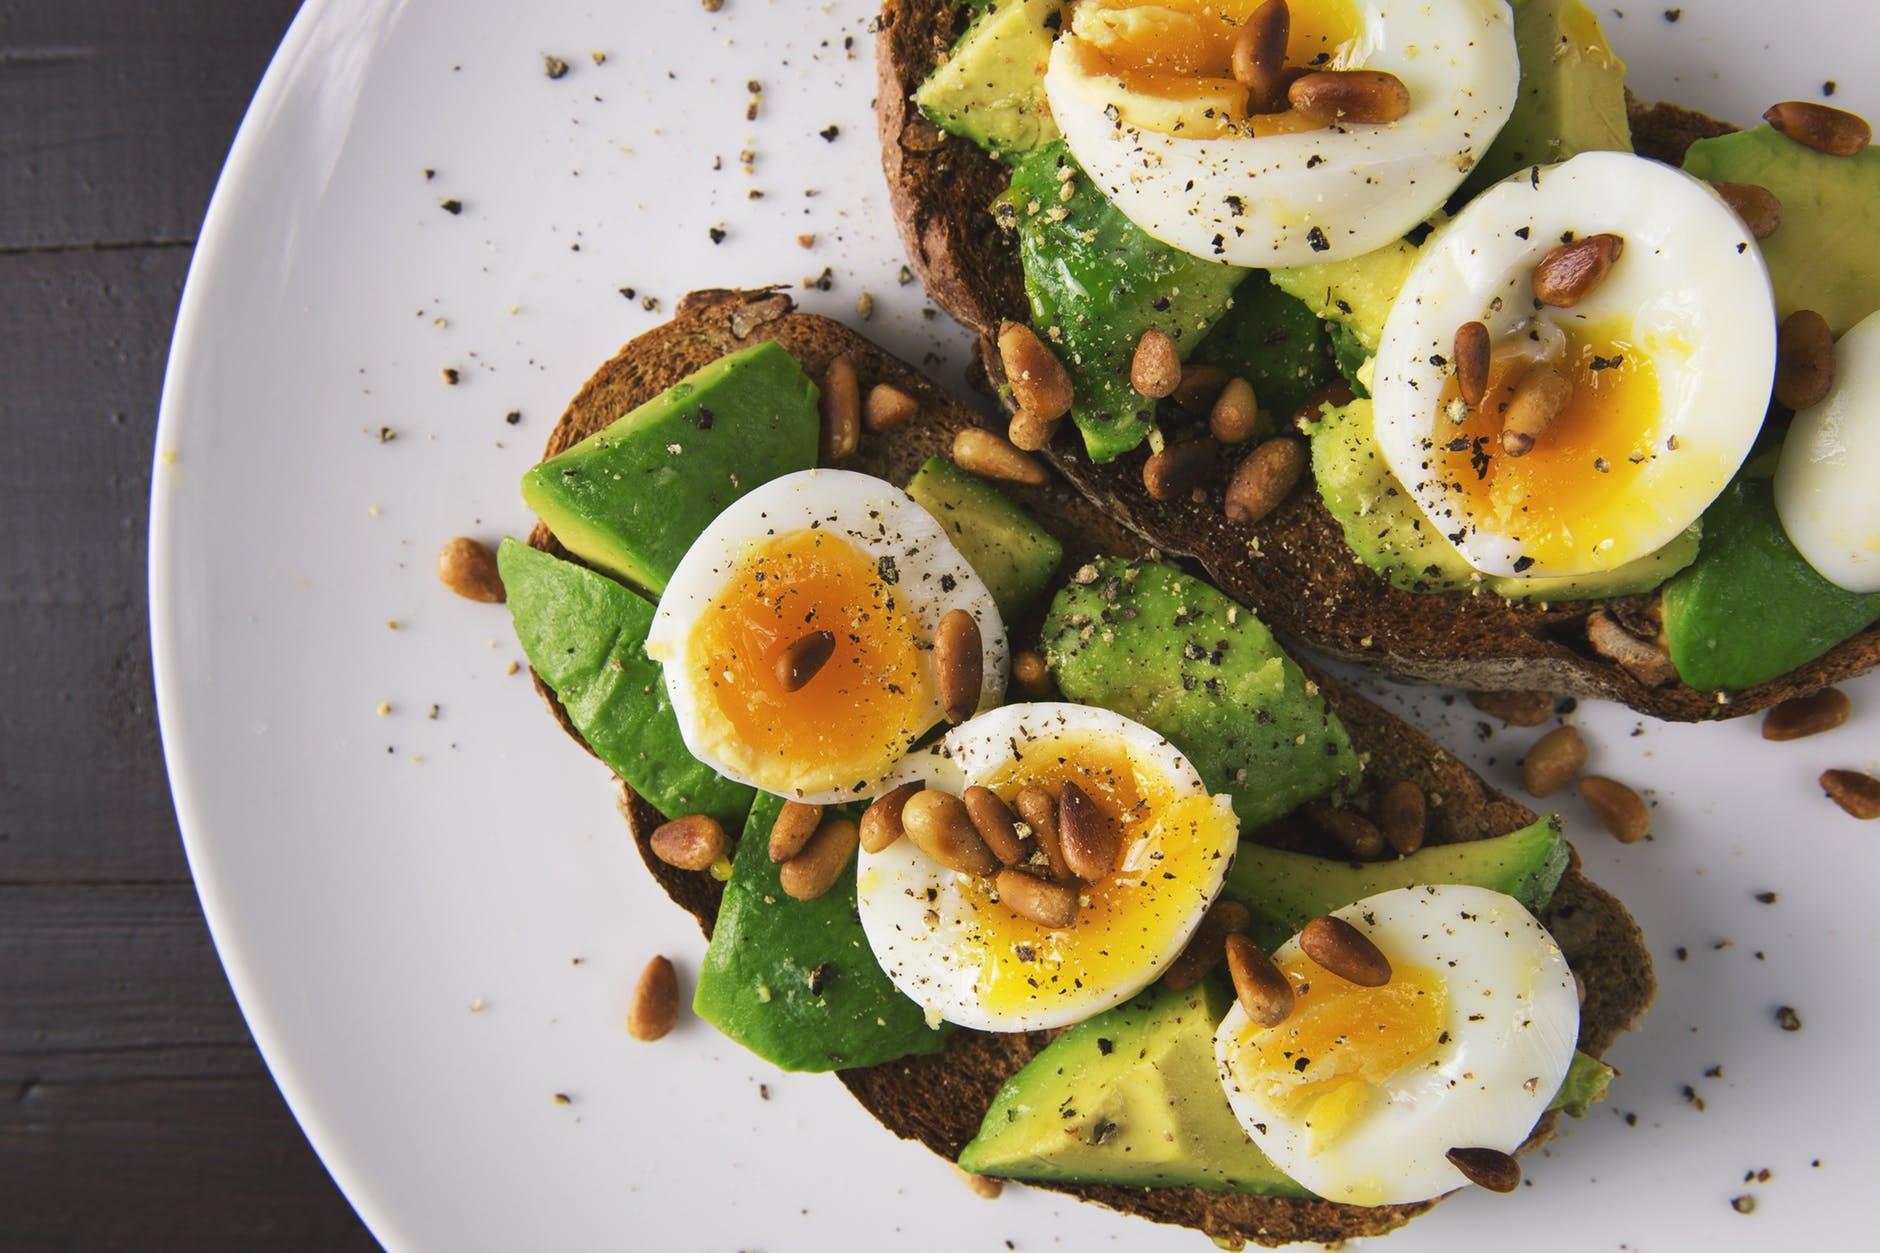 Ejemplo dieta mediterránea | Pexels (CCO)